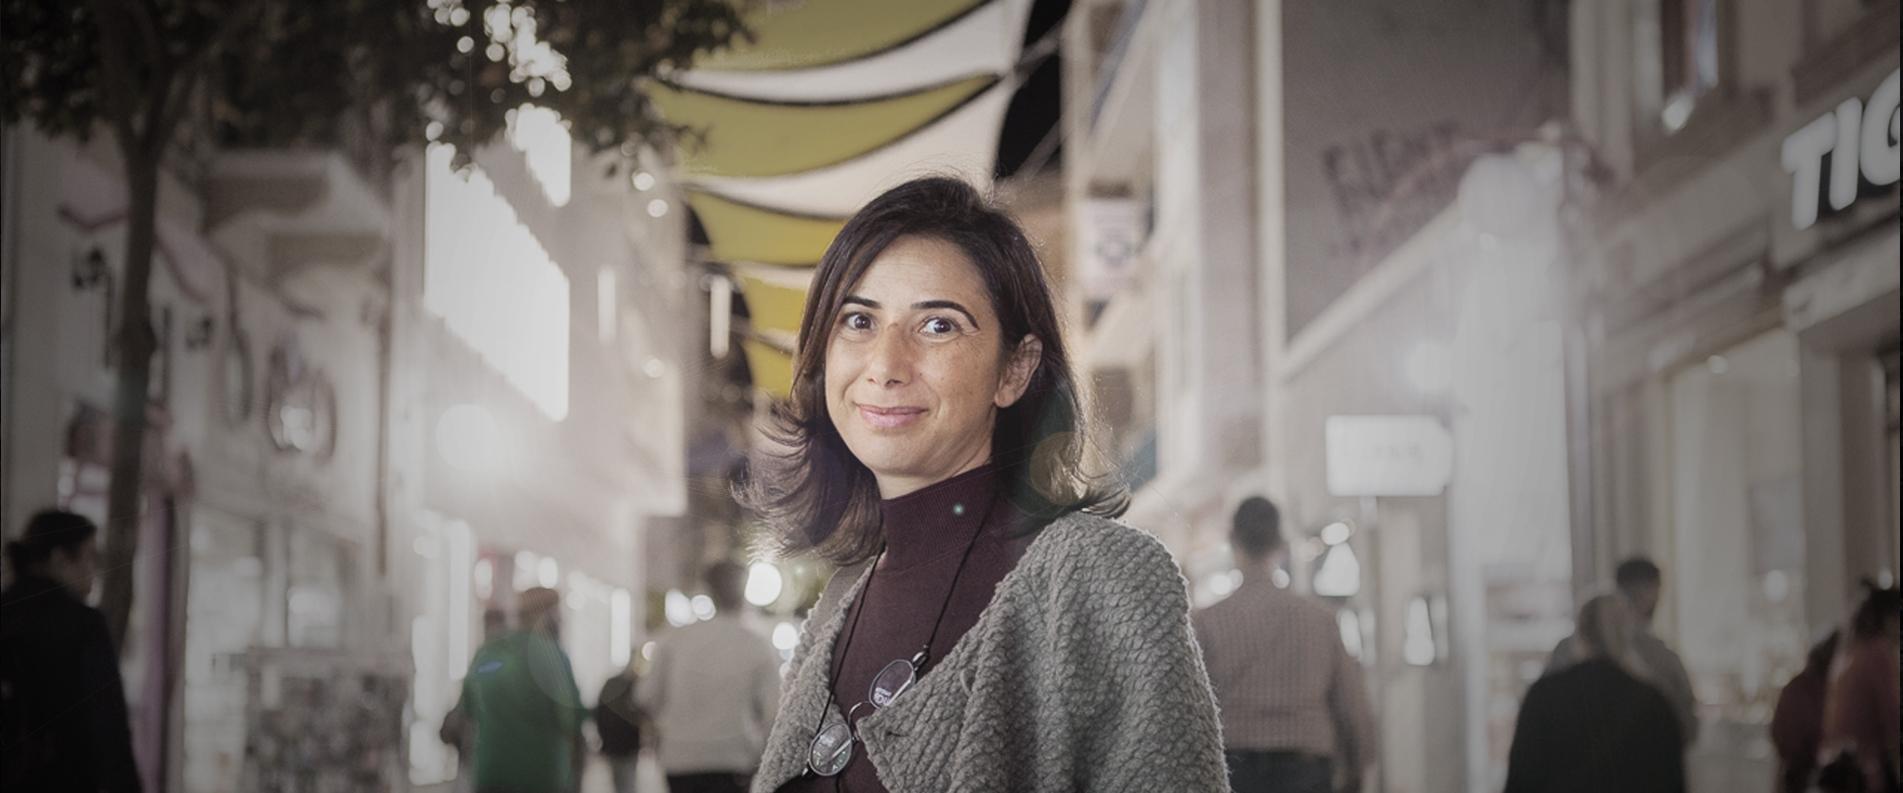 Münevver Özgür Özersay: Cyprus is my teacher